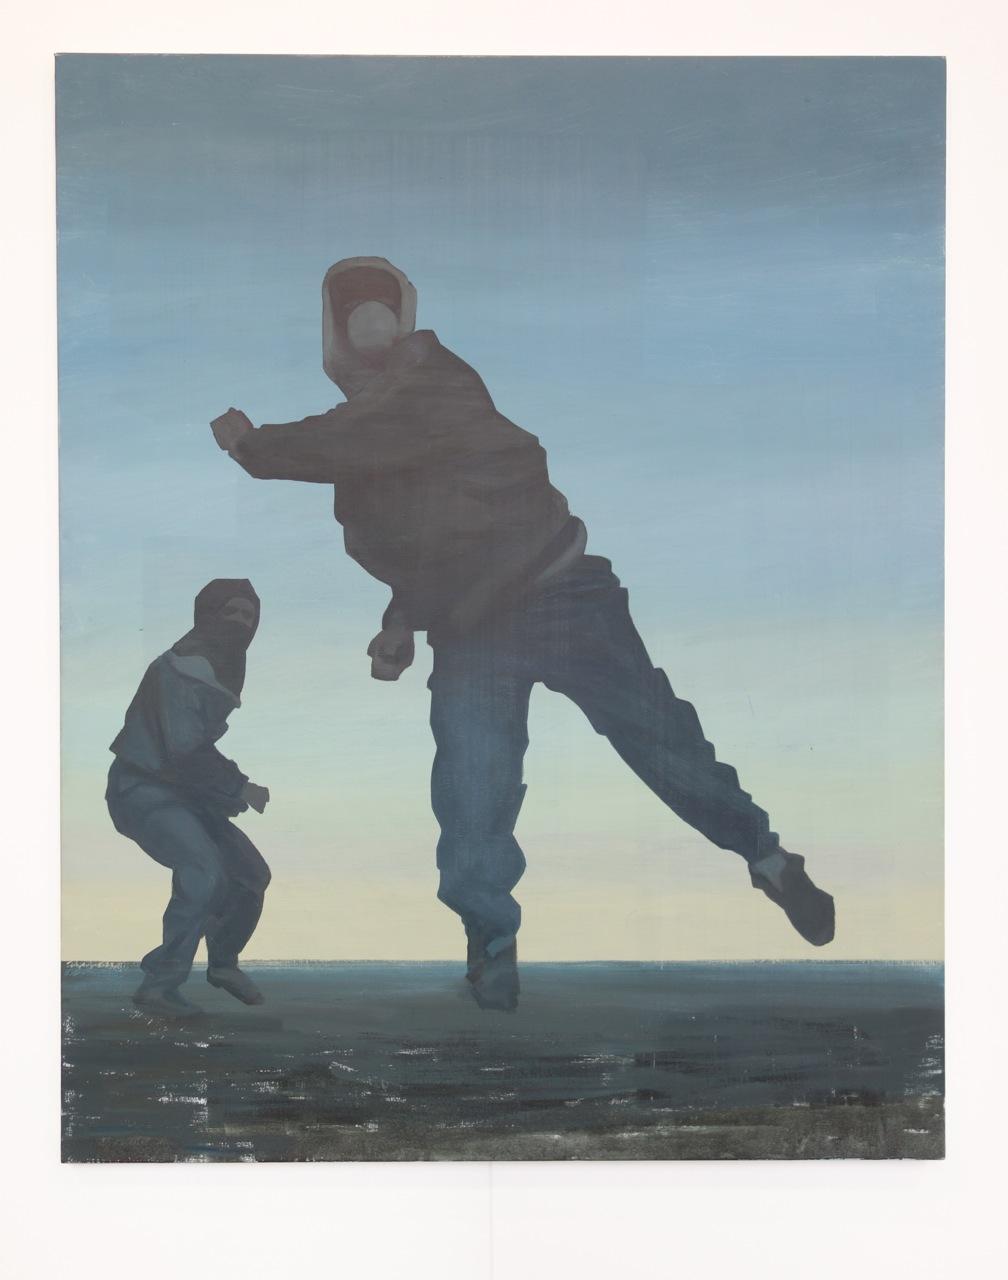 Arthur Aillaud, 'Untitled 9', 2016, Oil on canvas, 162 x 130 cm, Galerie La Forest Divonne (France / Belgium)